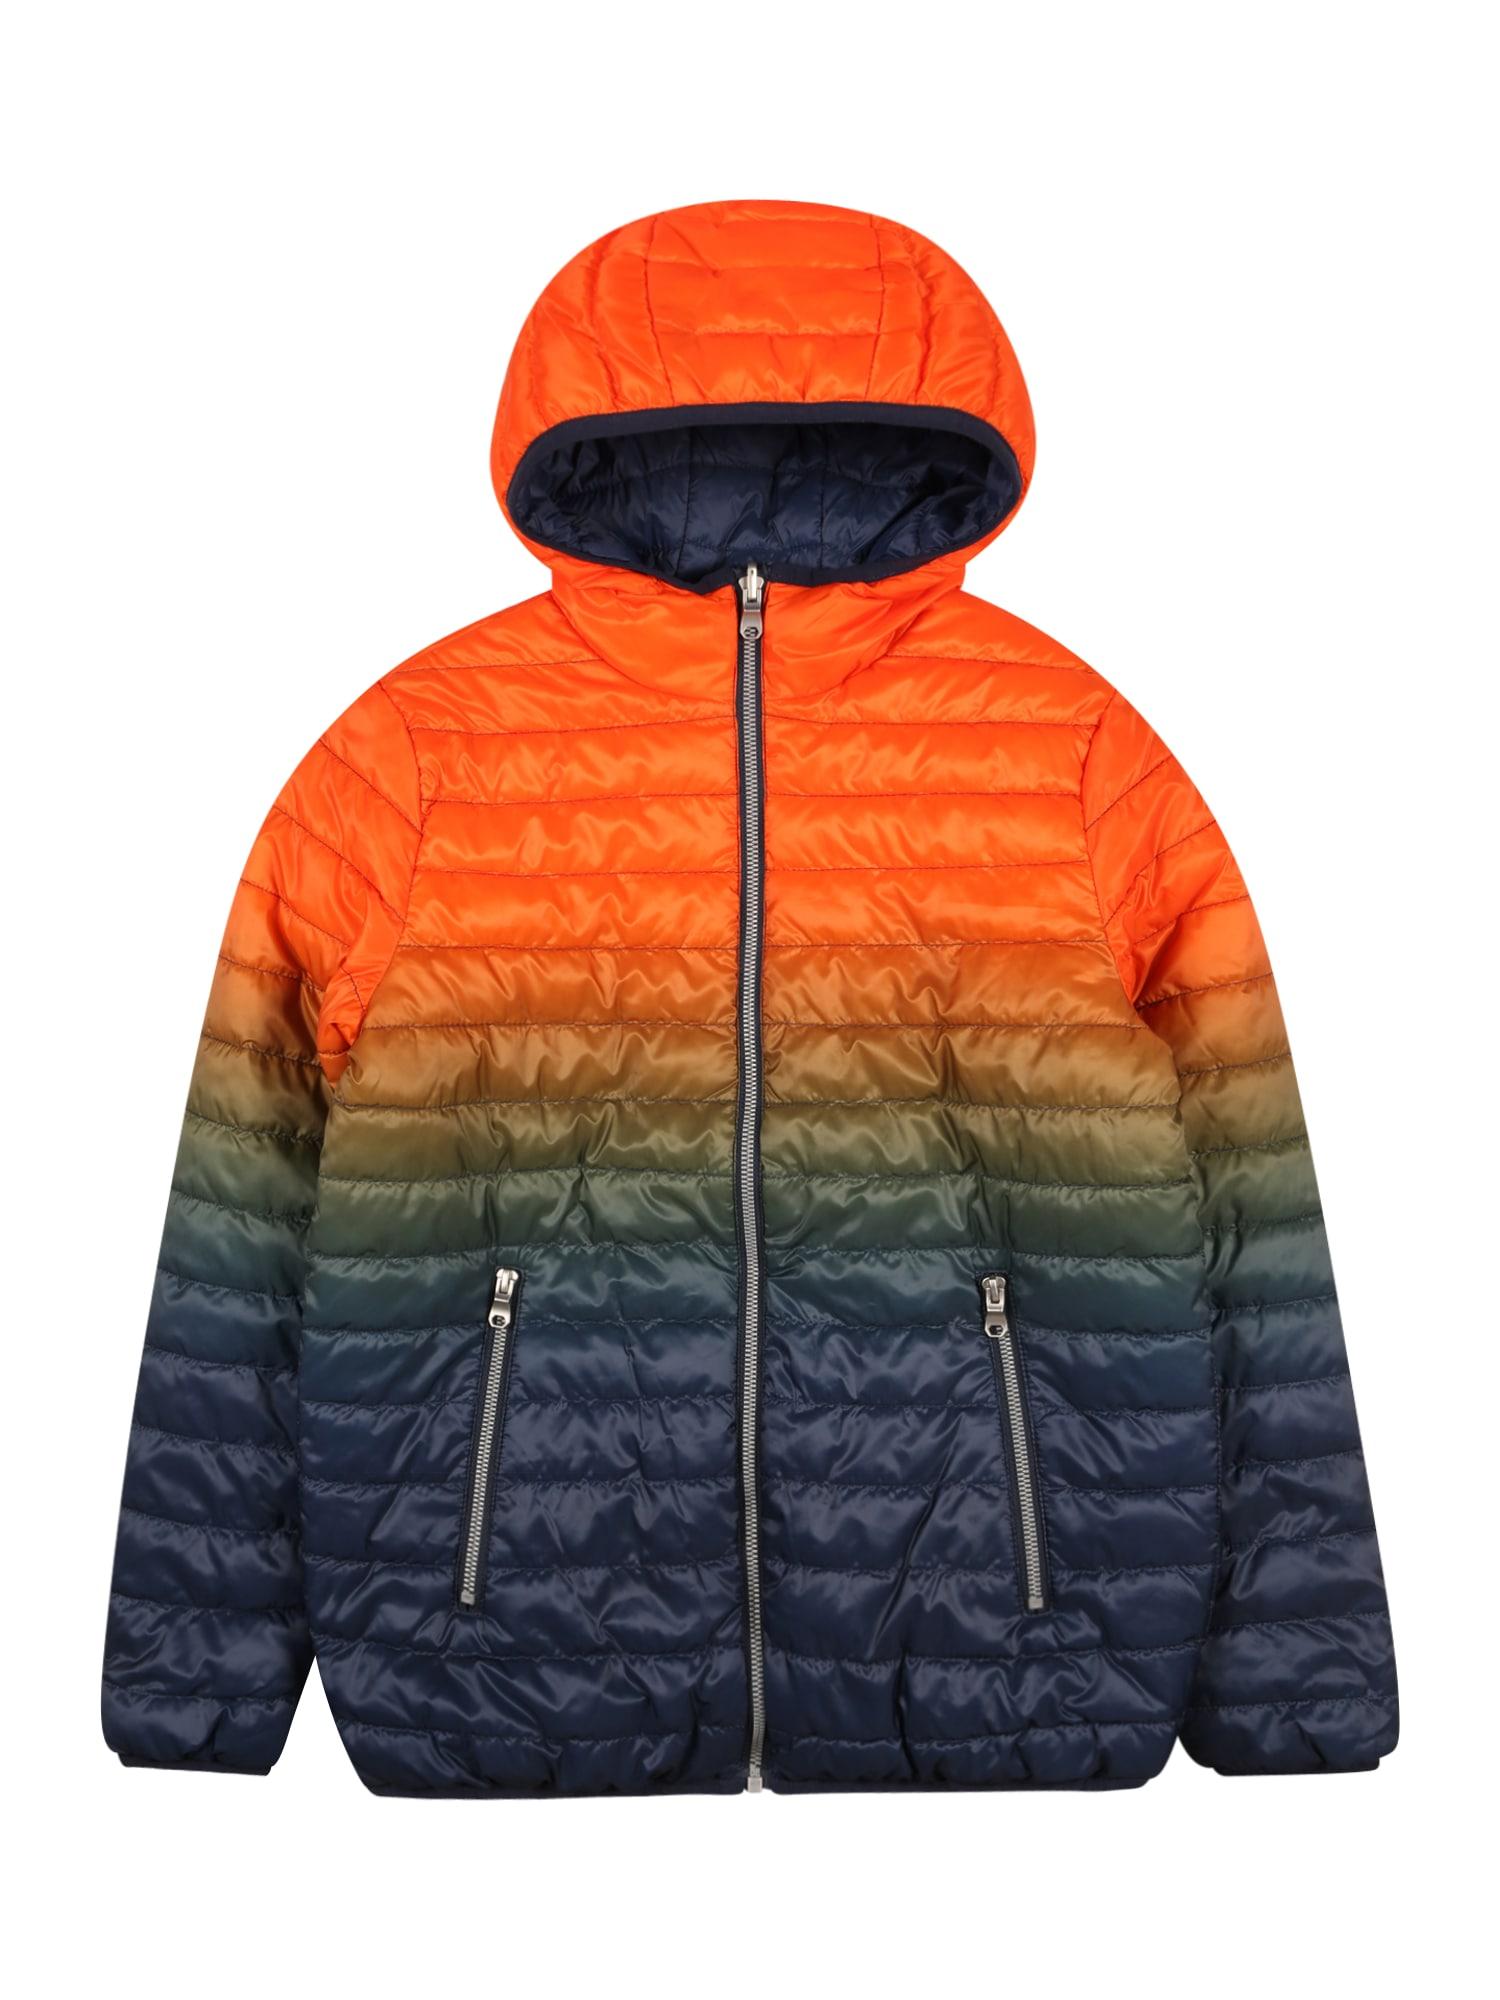 OVS Demisezoninė striukė oranžinė / tamsiai mėlyna jūros spalva